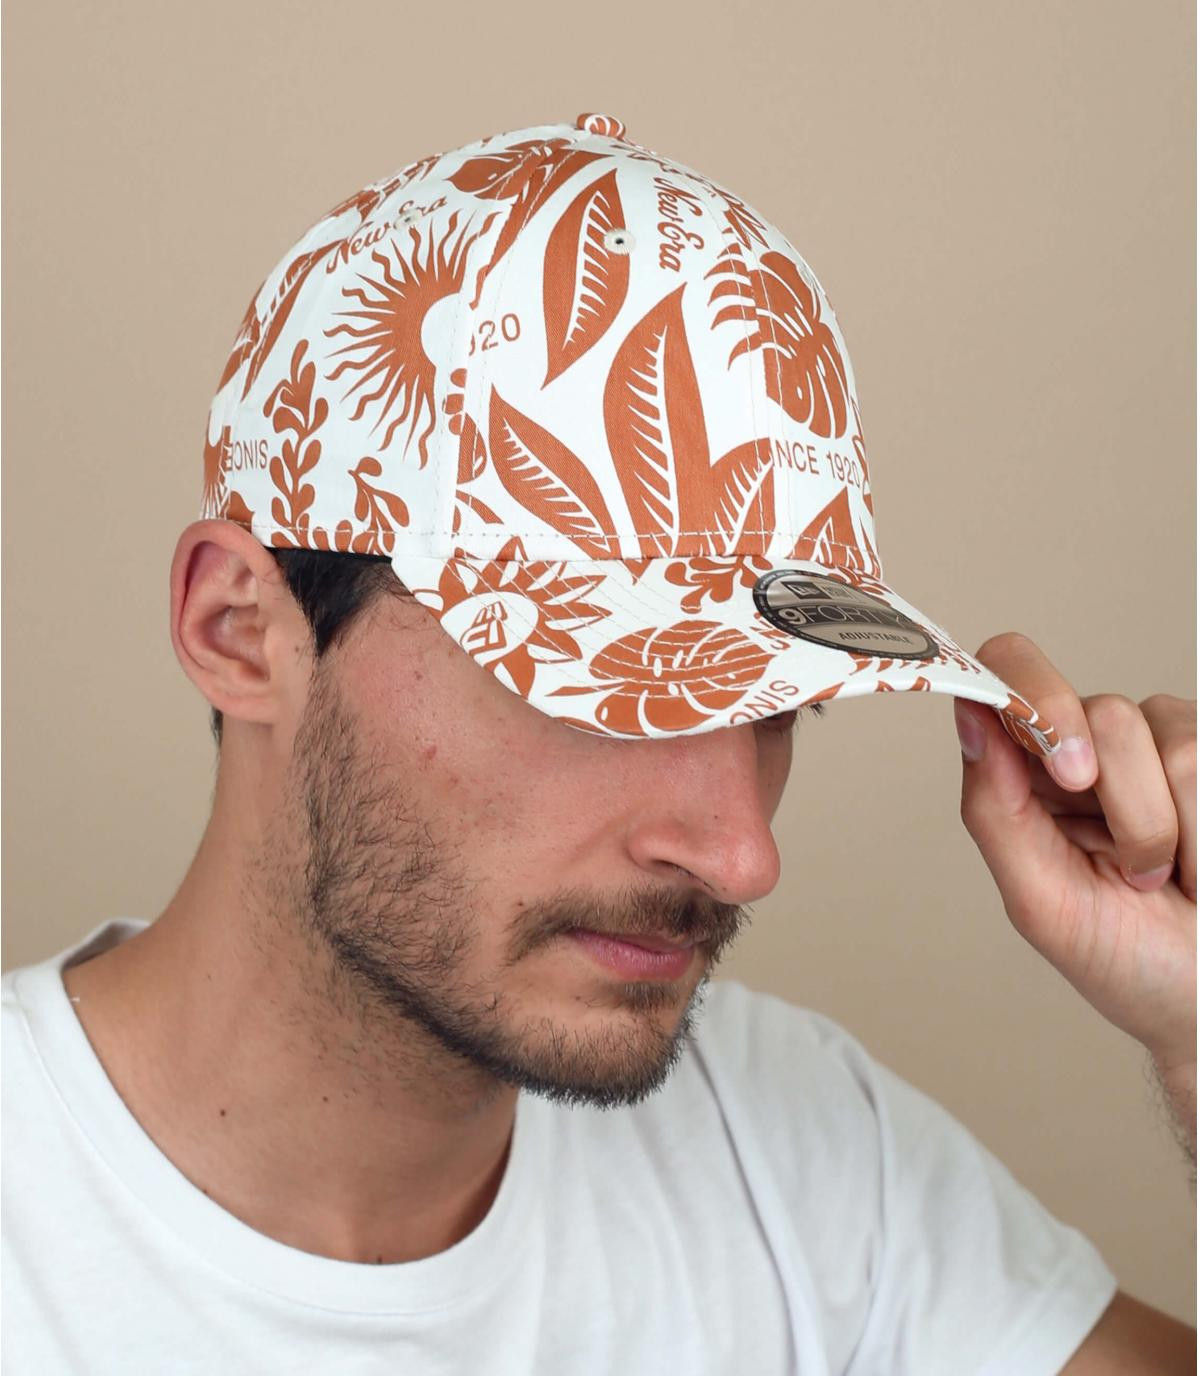 Floral printed cap